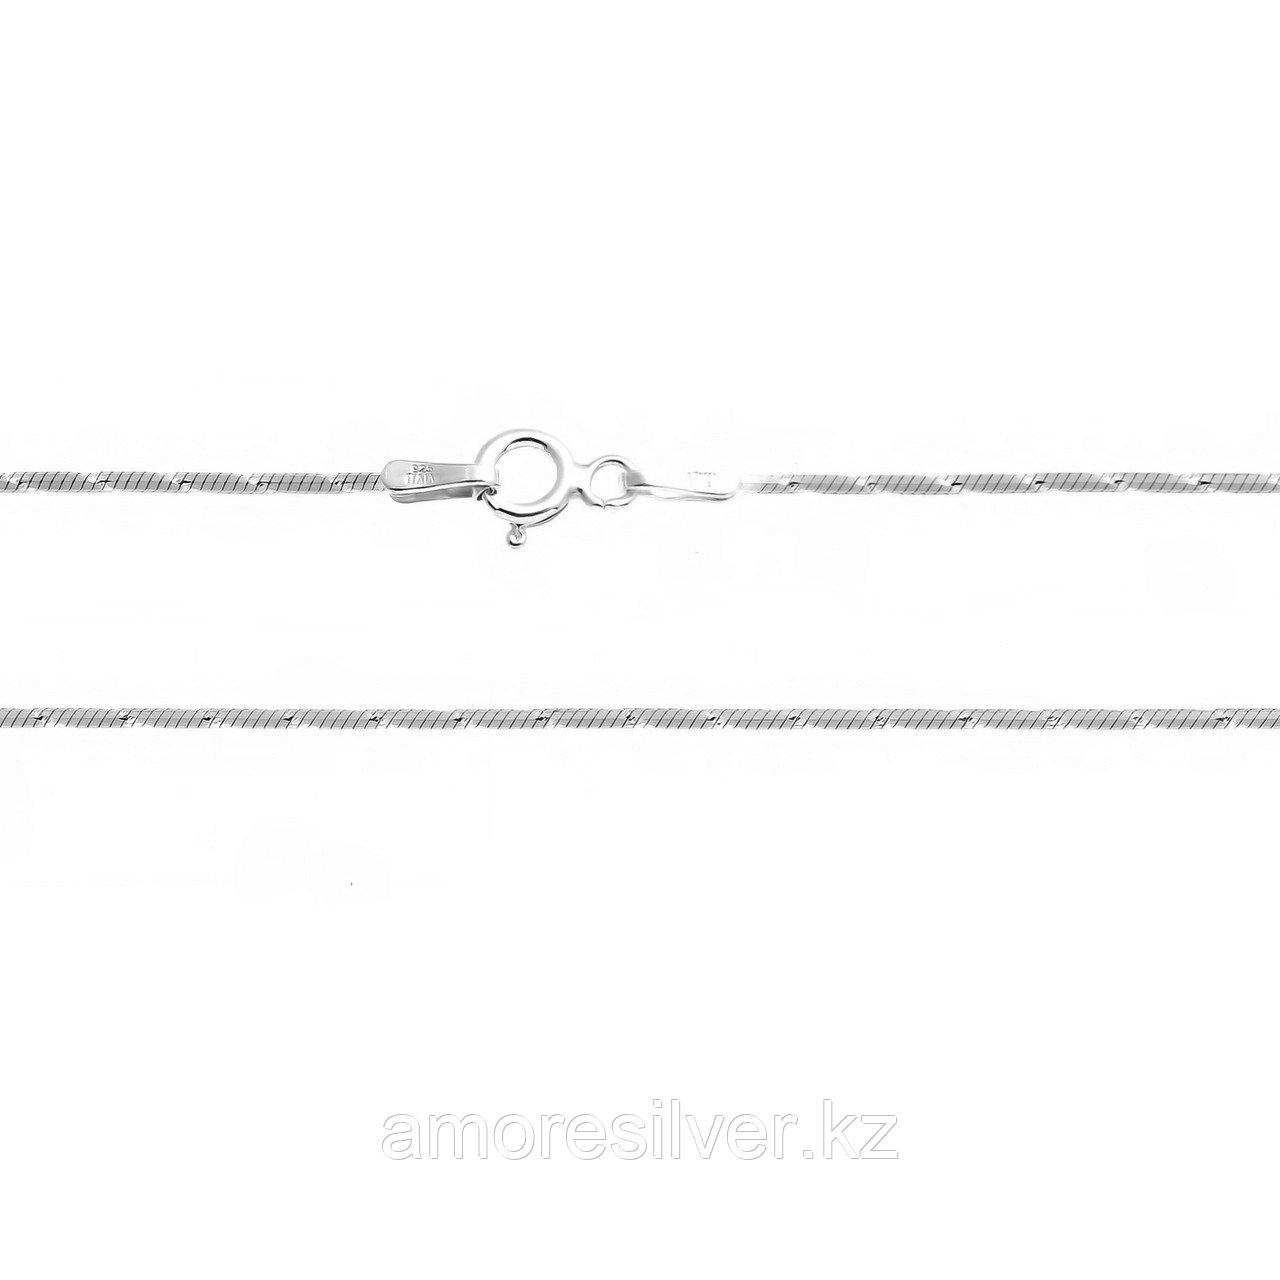 Цепь Teosa серебро с родием, без вставок, снейк с насечками GRQ 8L I011/S-020-40